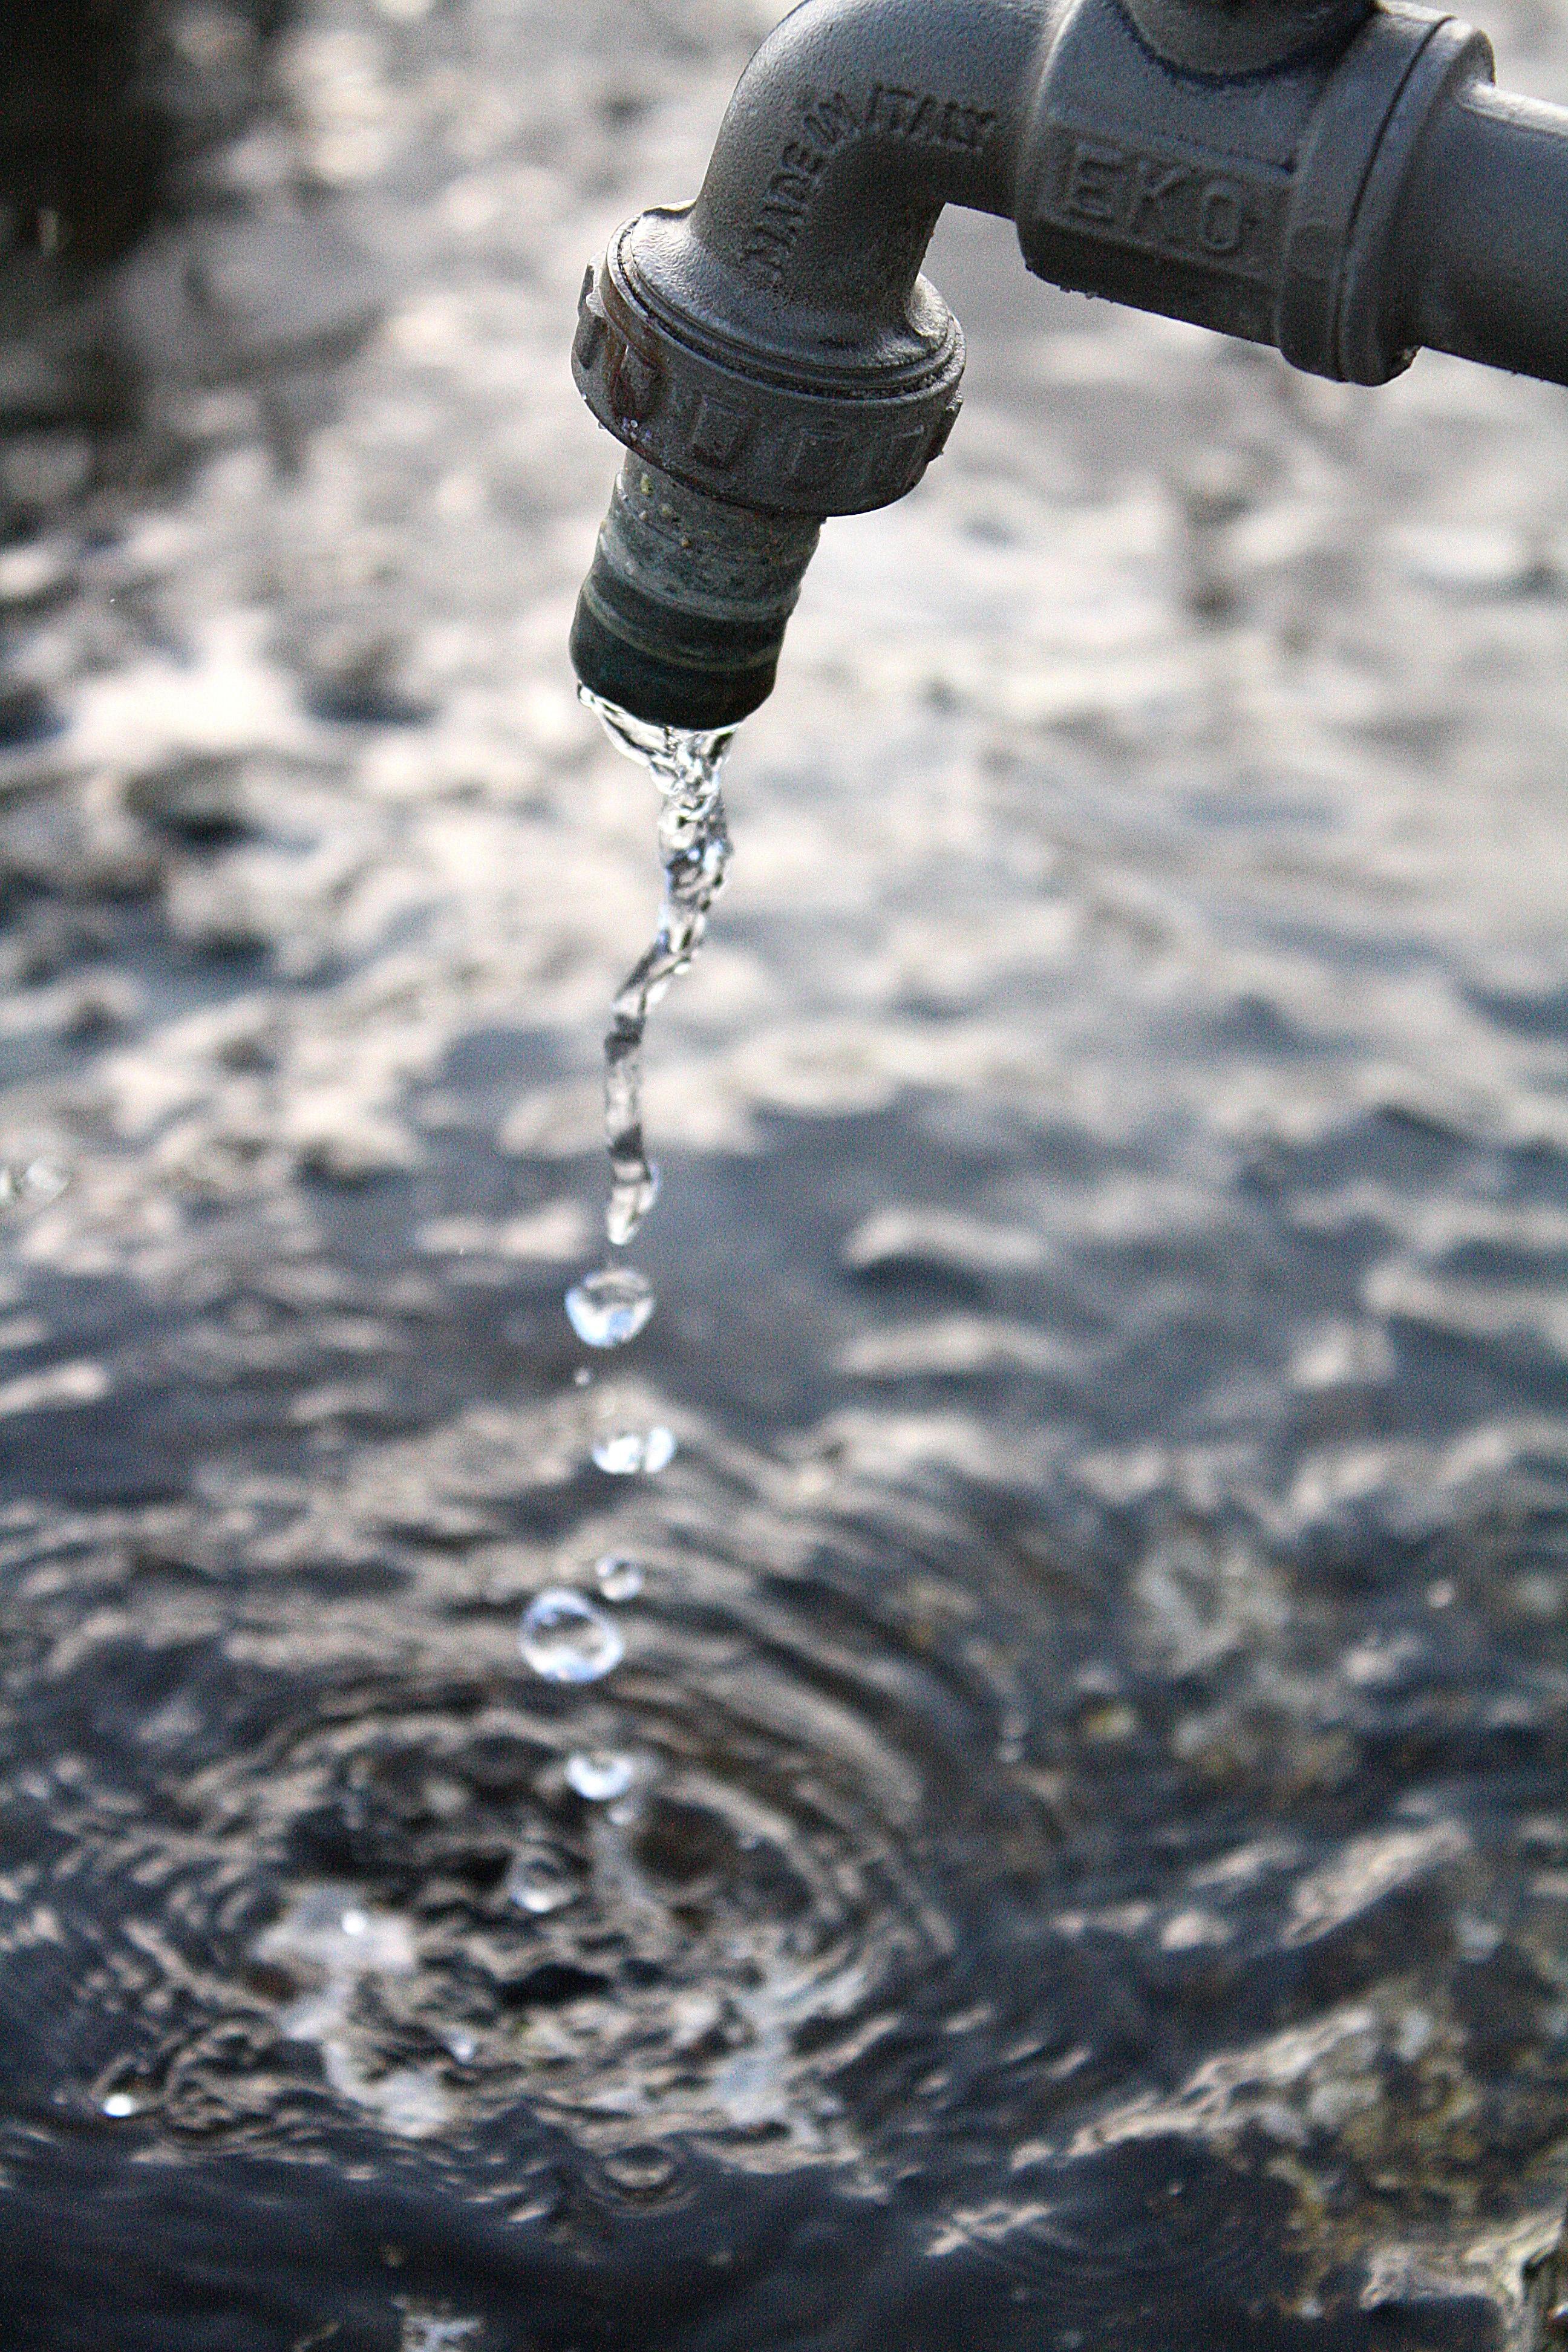 прически картинка вода бульбы нас смотря фотографии